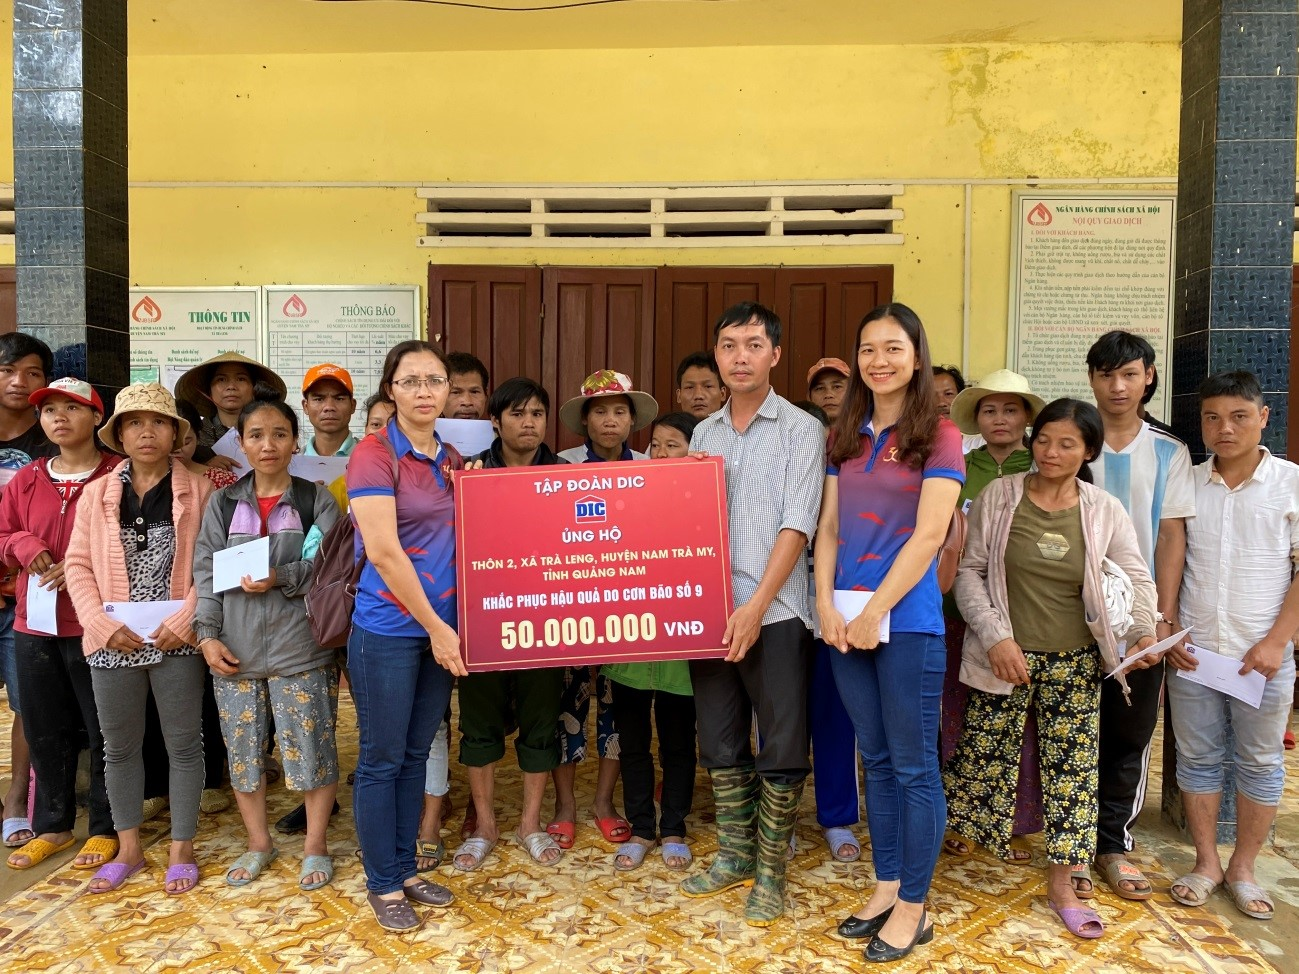 Tập đoàn DIC tiếp tục ủng hộ gần 500 triệu đồng cho đồng bào miền Trung khắc phục hậu quả sau lũ